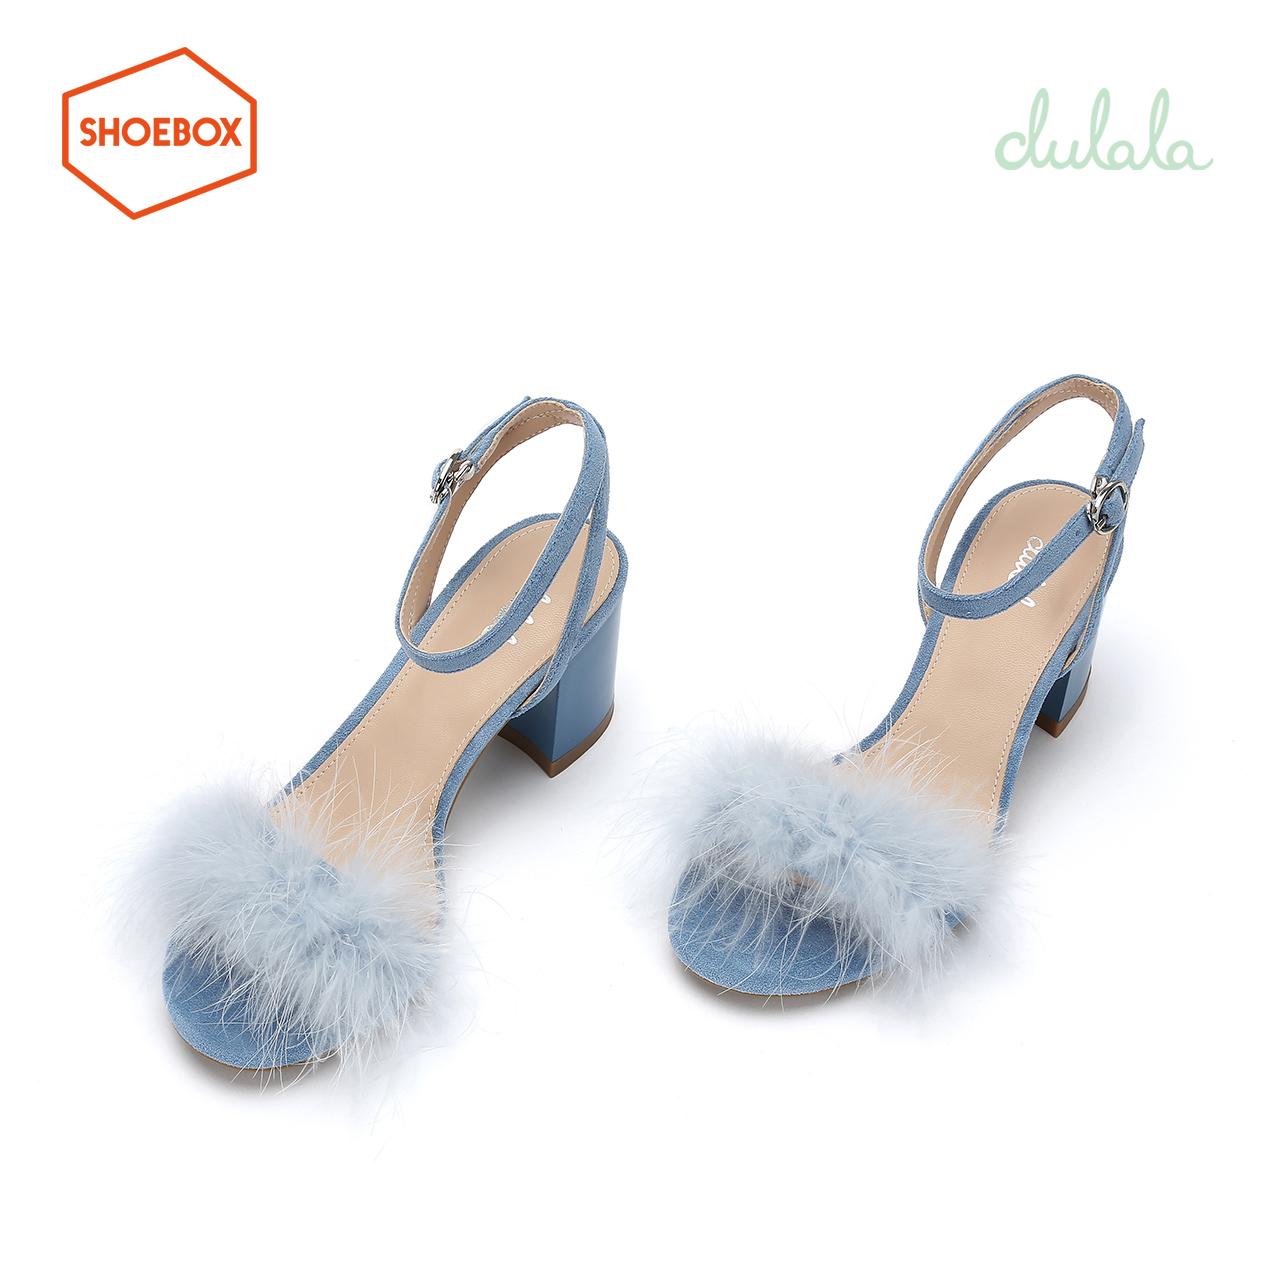 鞋柜一字带凉鞋女仙女风2019新款夏dulala毛毛网红高跟粗跟凉鞋